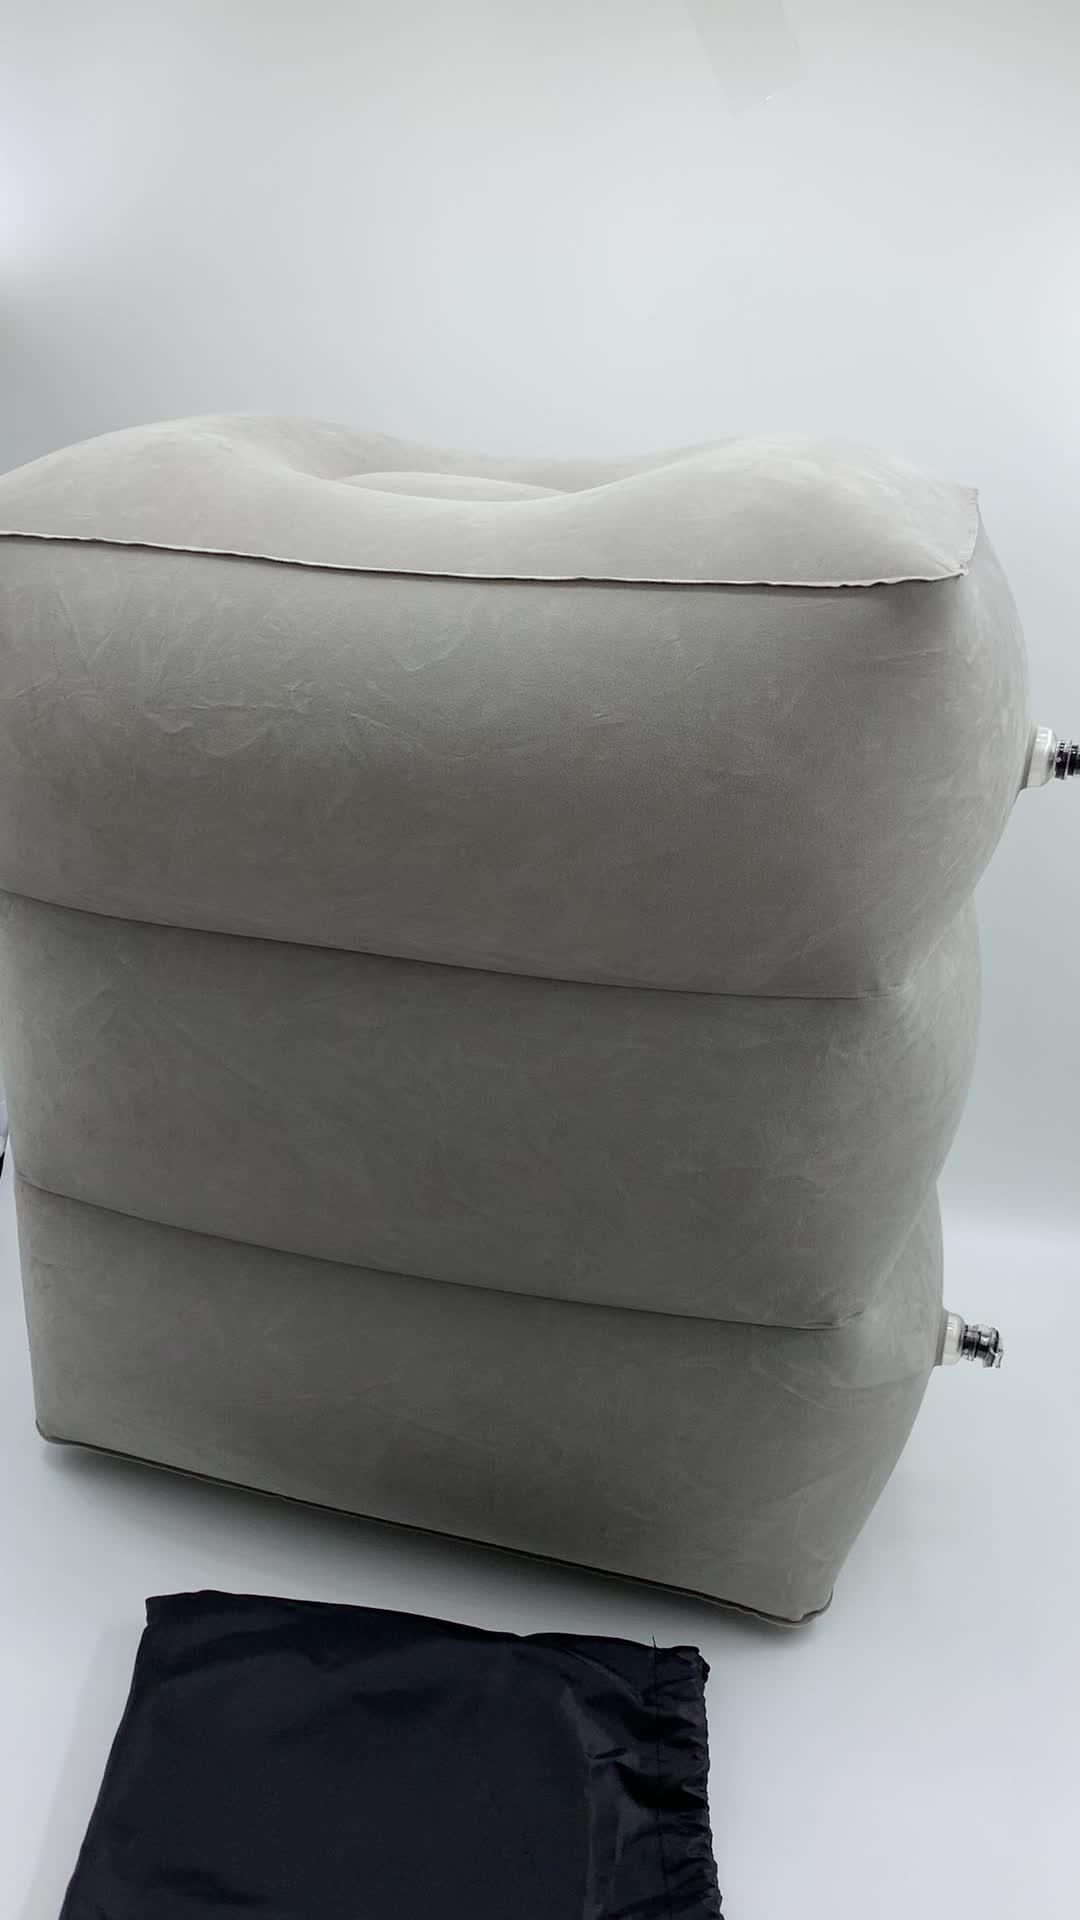 De aire portátil altura ajustable almohada inflable de viaje pie resto pie de la pierna resto cojín portátil Pad Oficina pies cojín